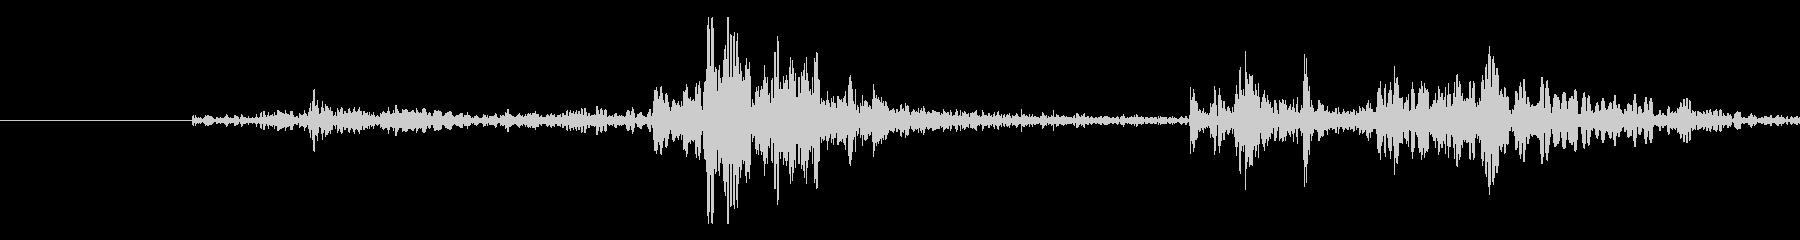 シュワヨン、というスワイプ音ぽい音です。の未再生の波形